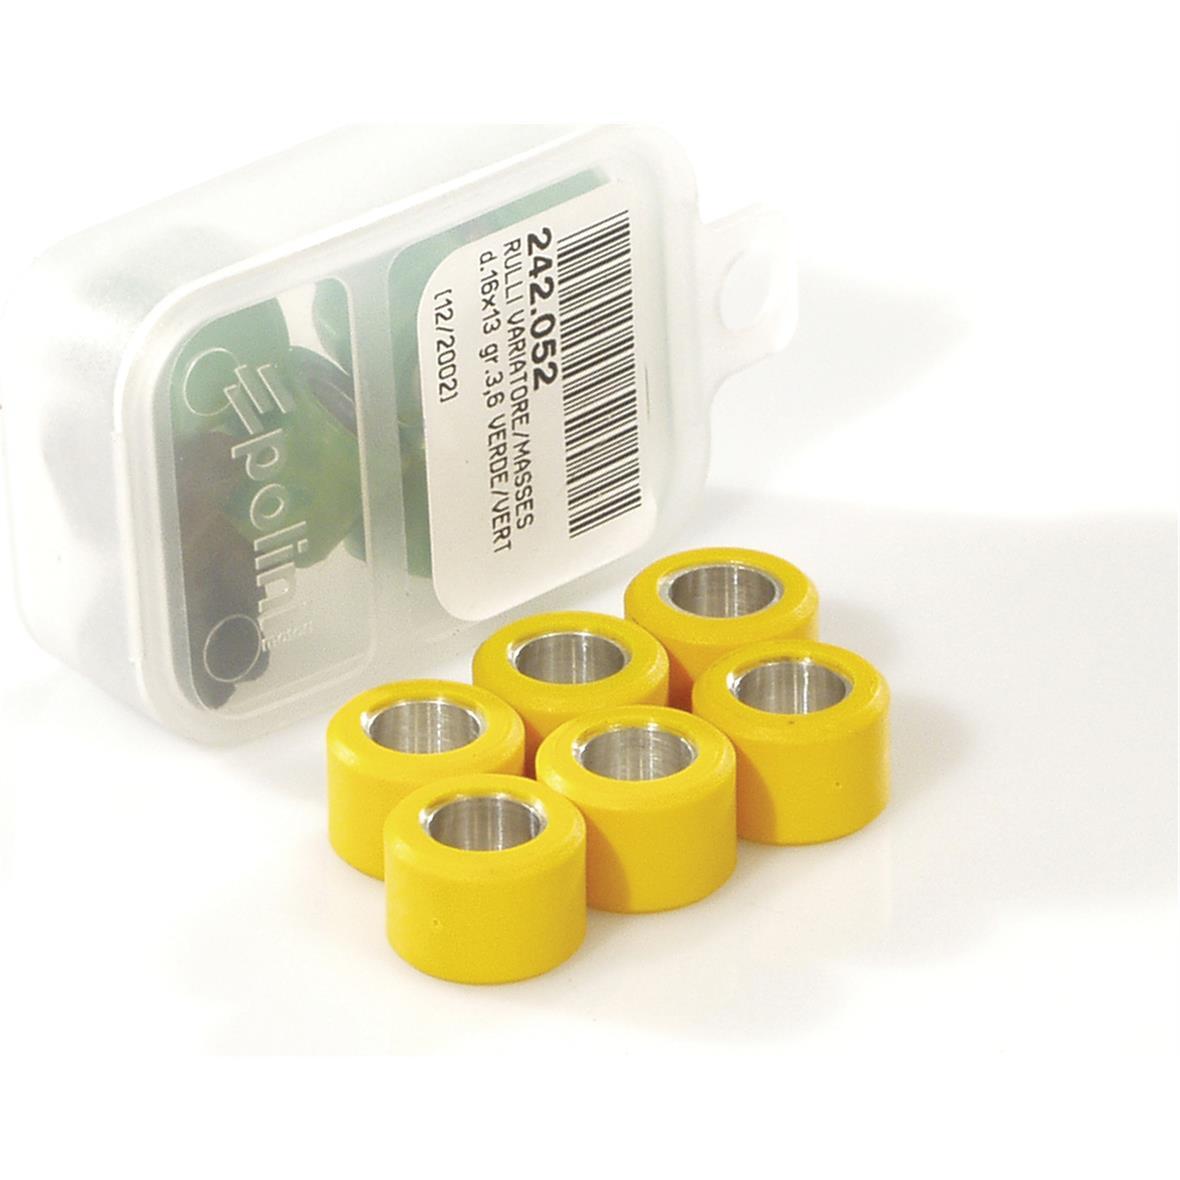 Εικόνα προϊόντος για 'Ράουλα Βαριατόρ POLINI 15x12 mm 10,3 γραμμάριοTitle'